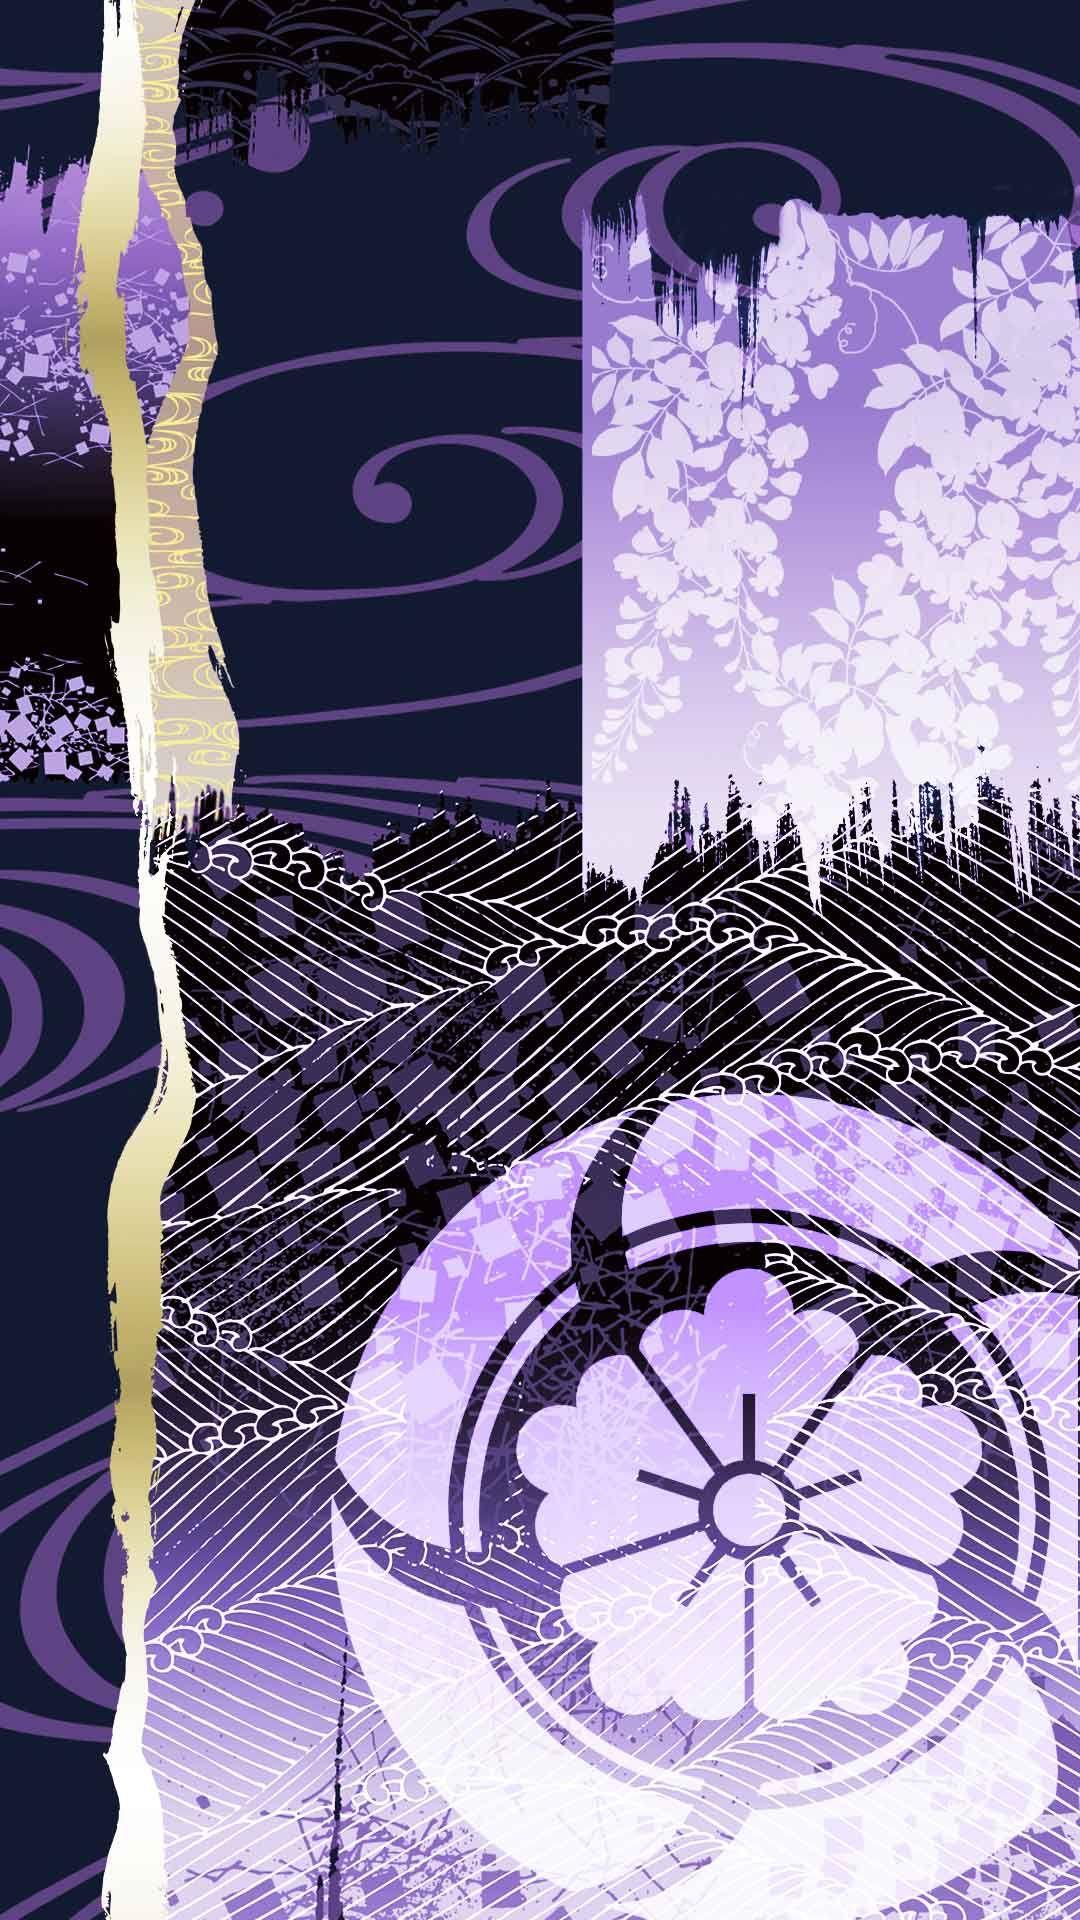 和柄 和柄 壁紙 日本 伝統 模様 刀剣乱舞 紋